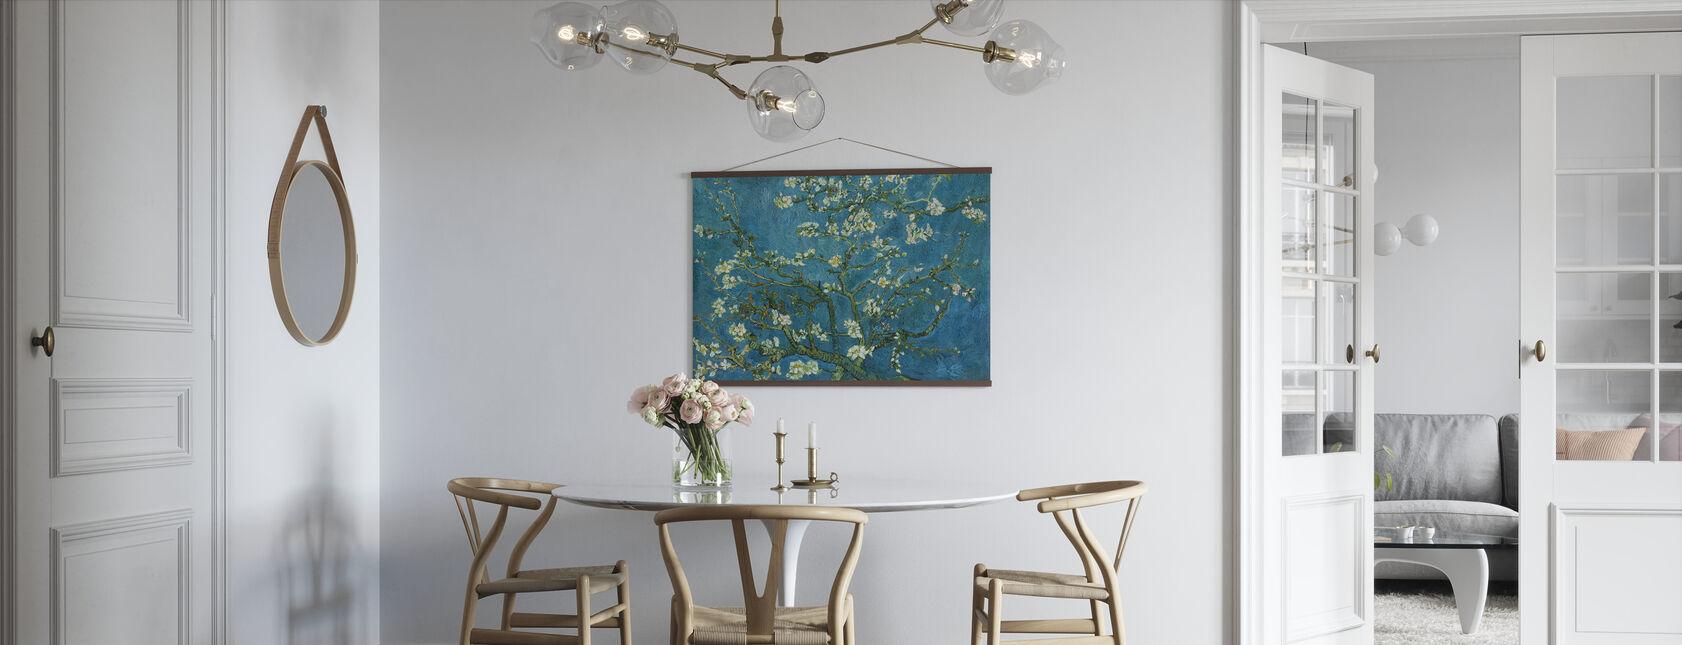 Almond Blossom - Poster - Kitchen